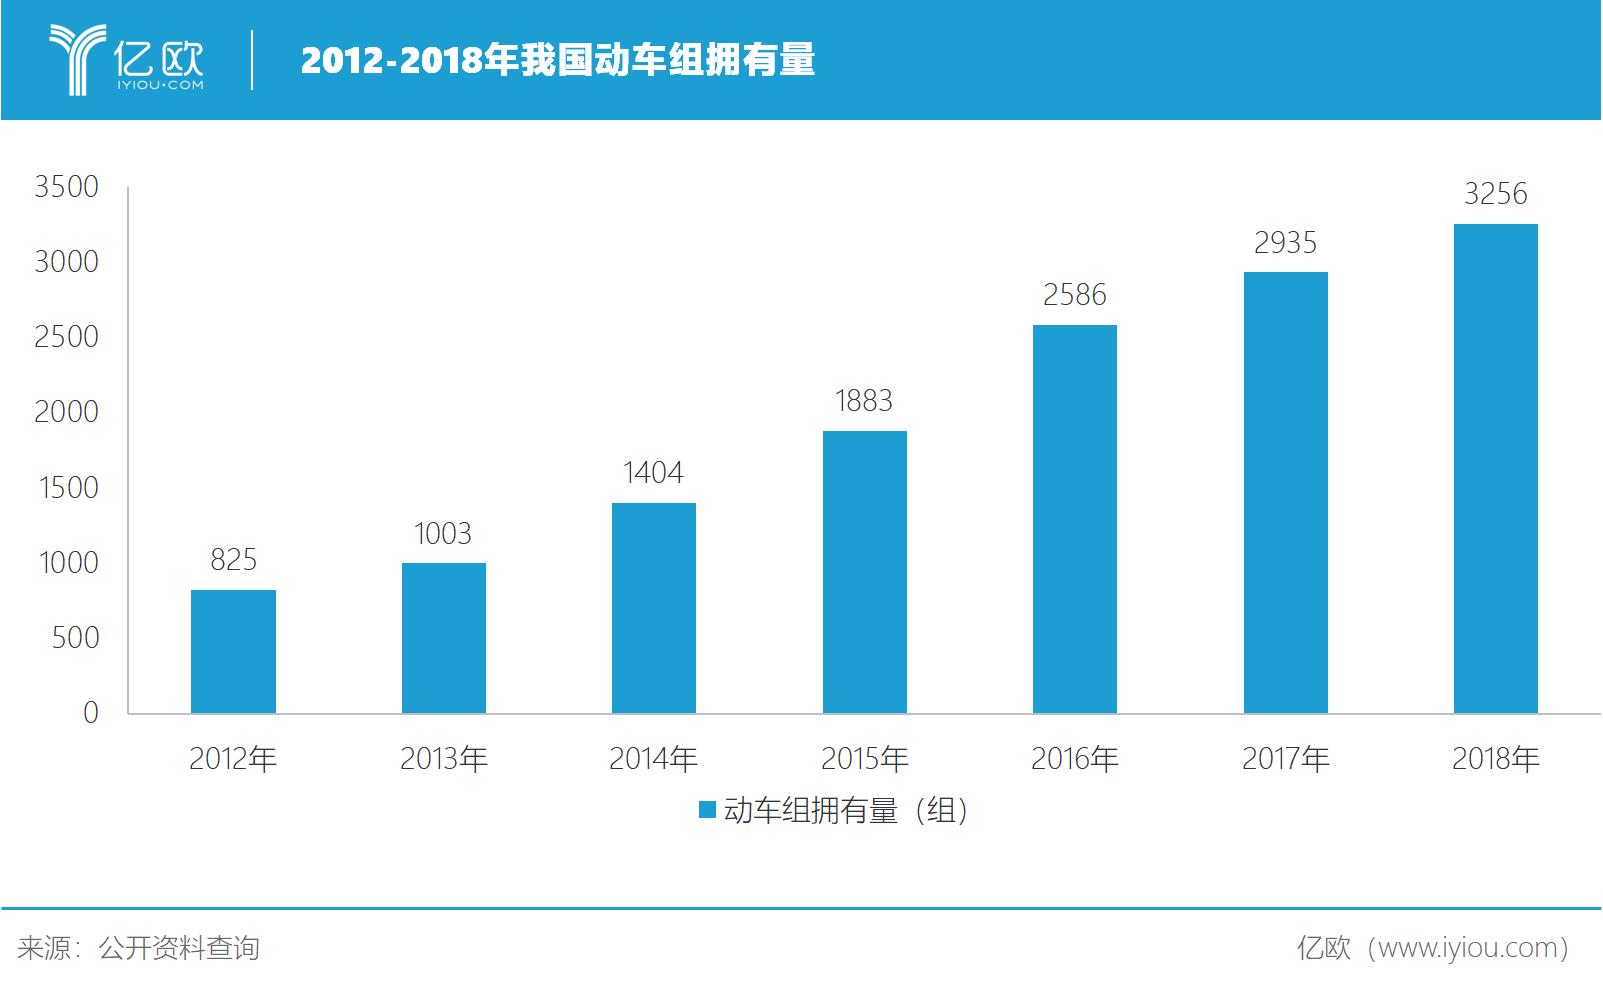 2012-2018年我国动车组拥有量